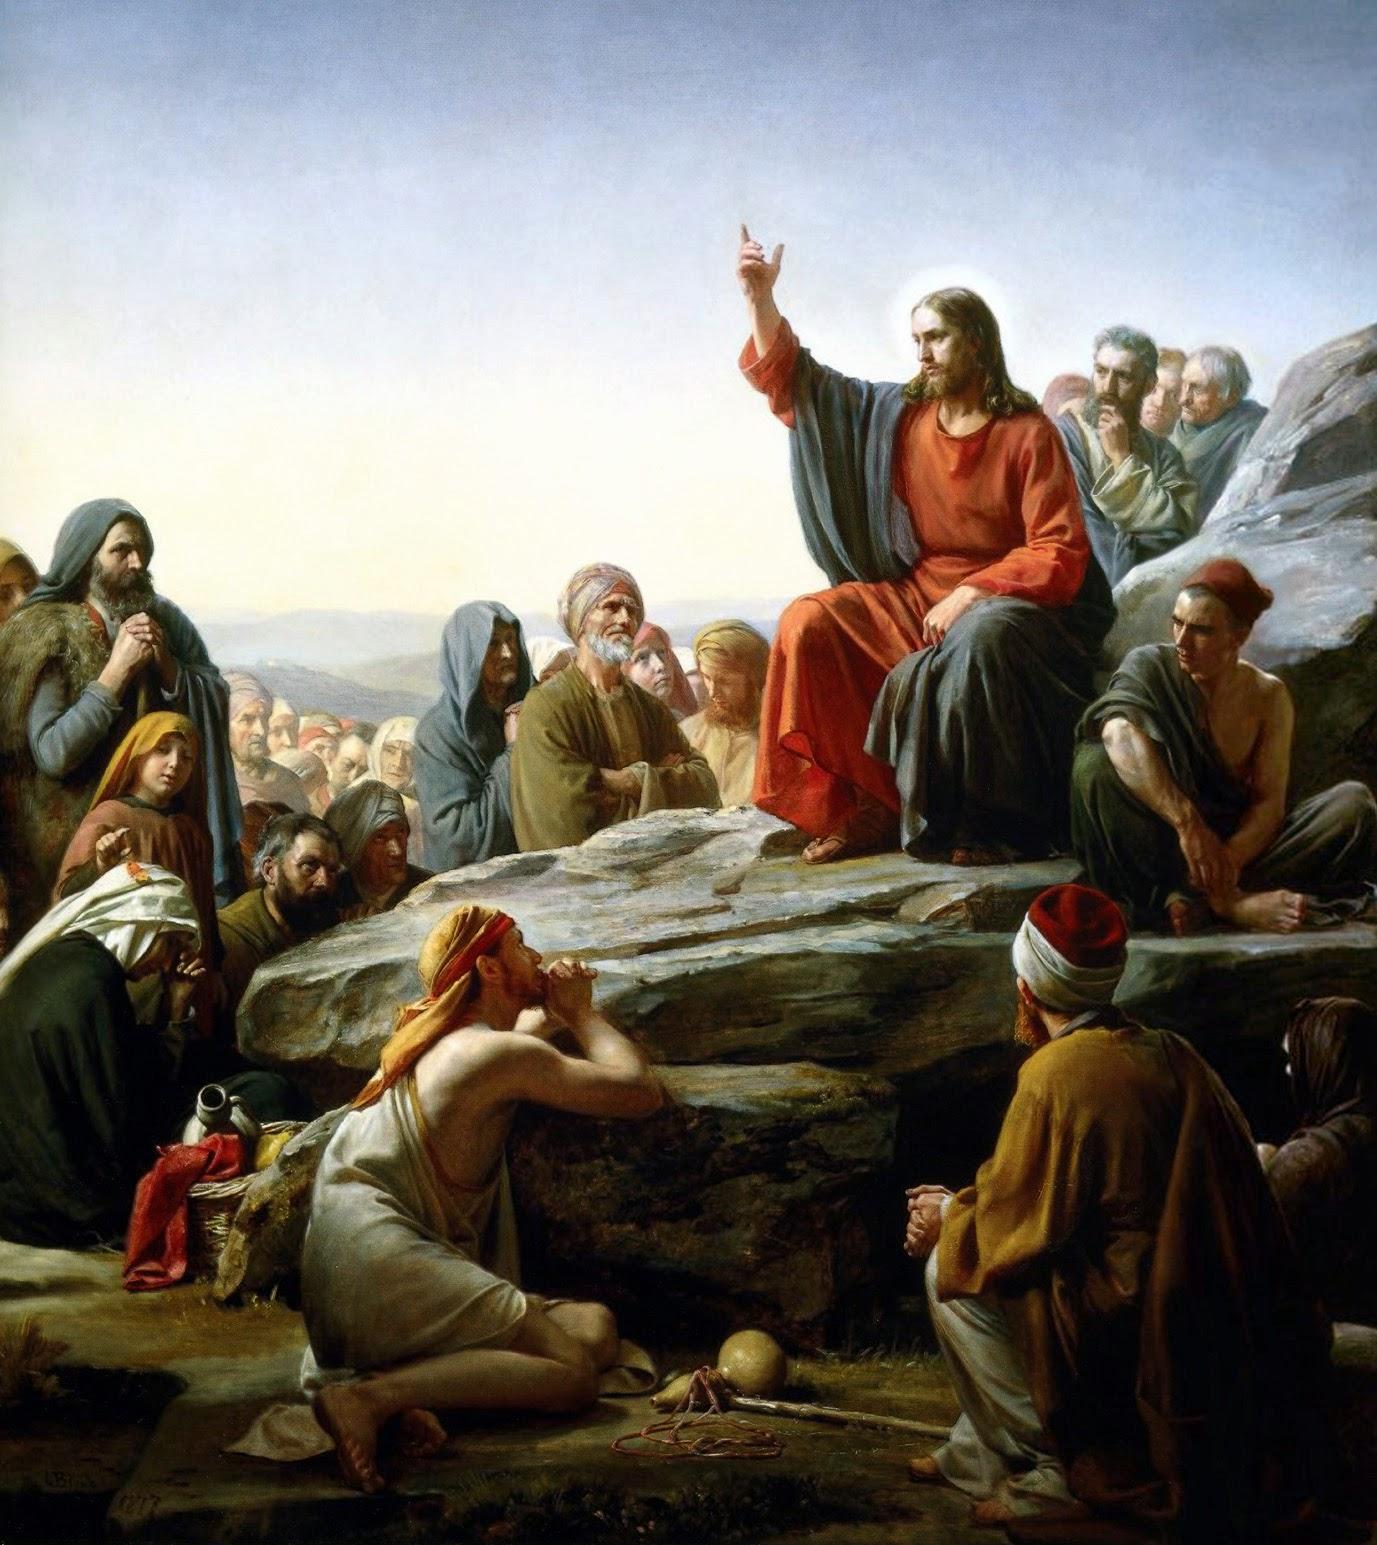 พระเยซู พระเยซู (Jesus)